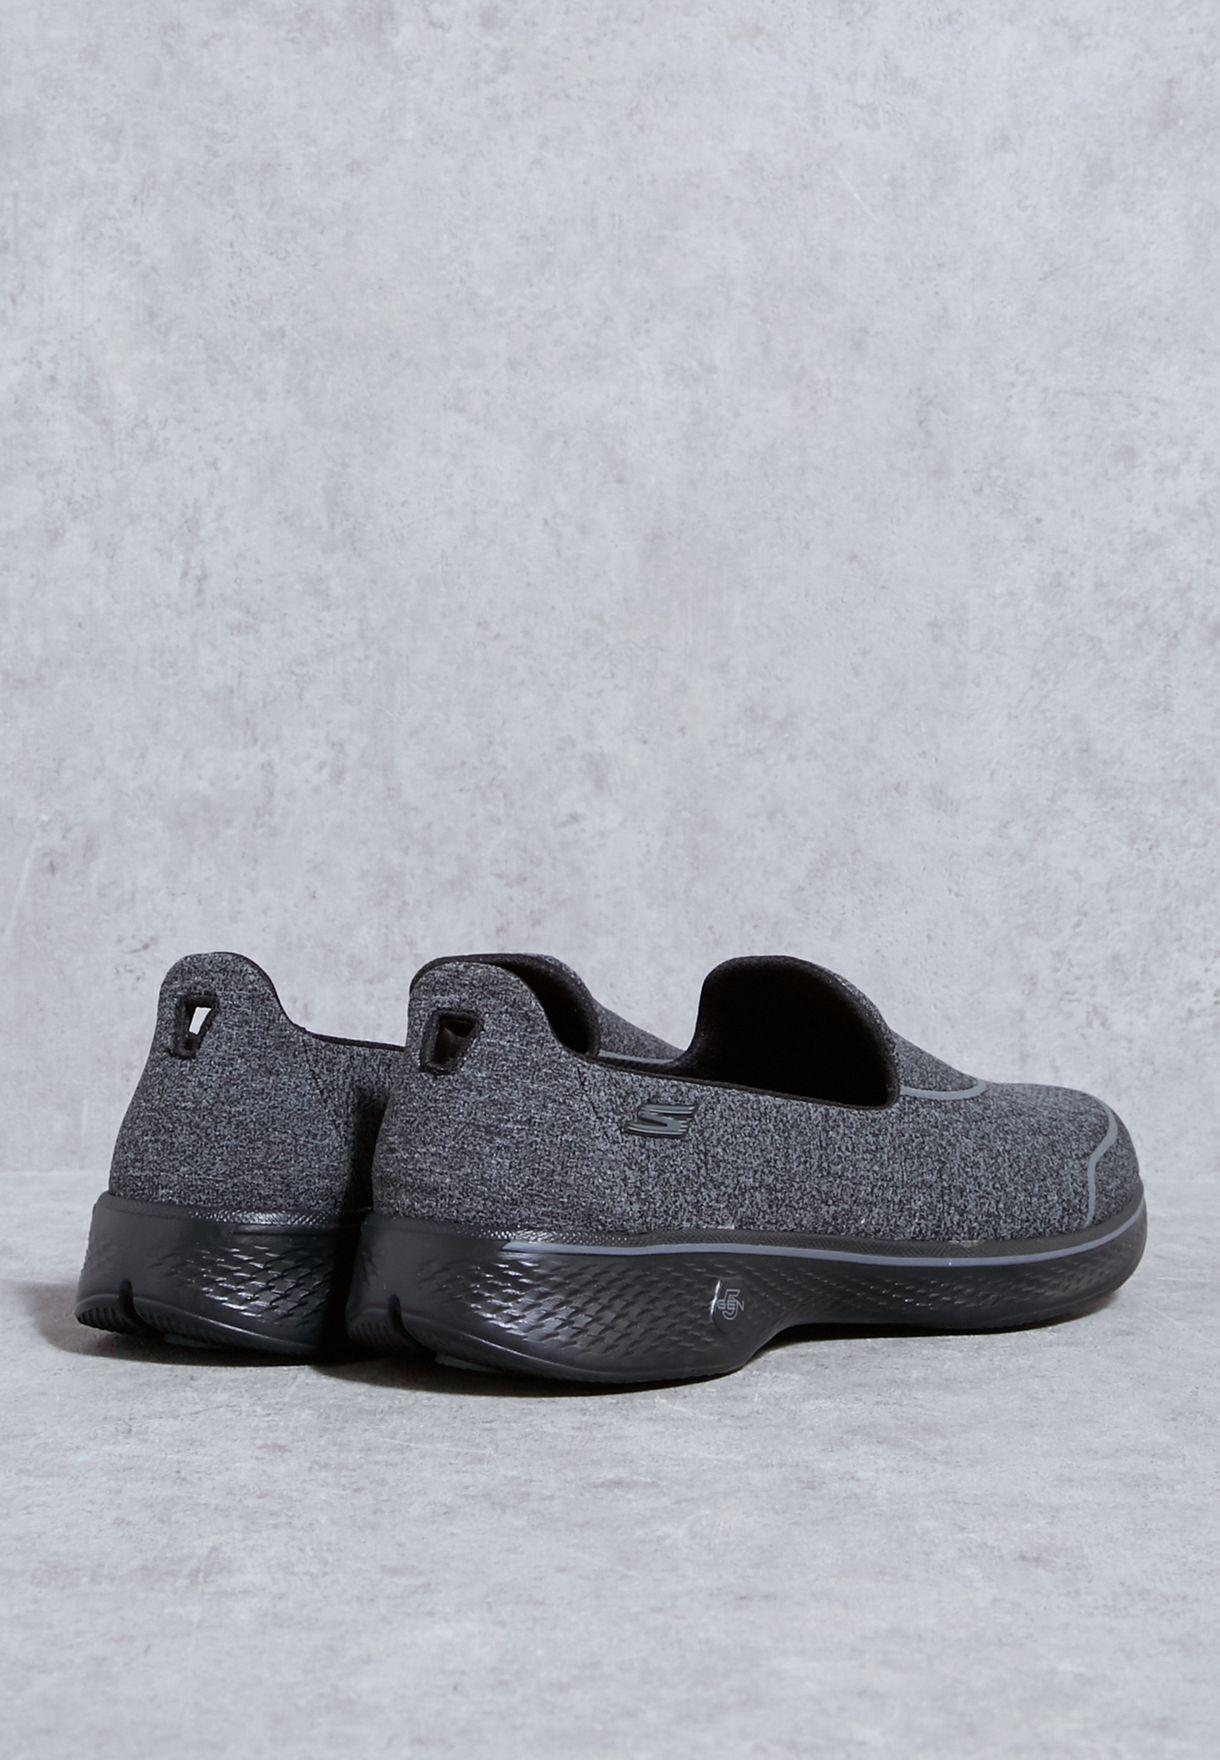 1d3816ea66ac Shop Skechers multicolor Go Walk 4 Comfort Shoes 14161-BBK for Women ...